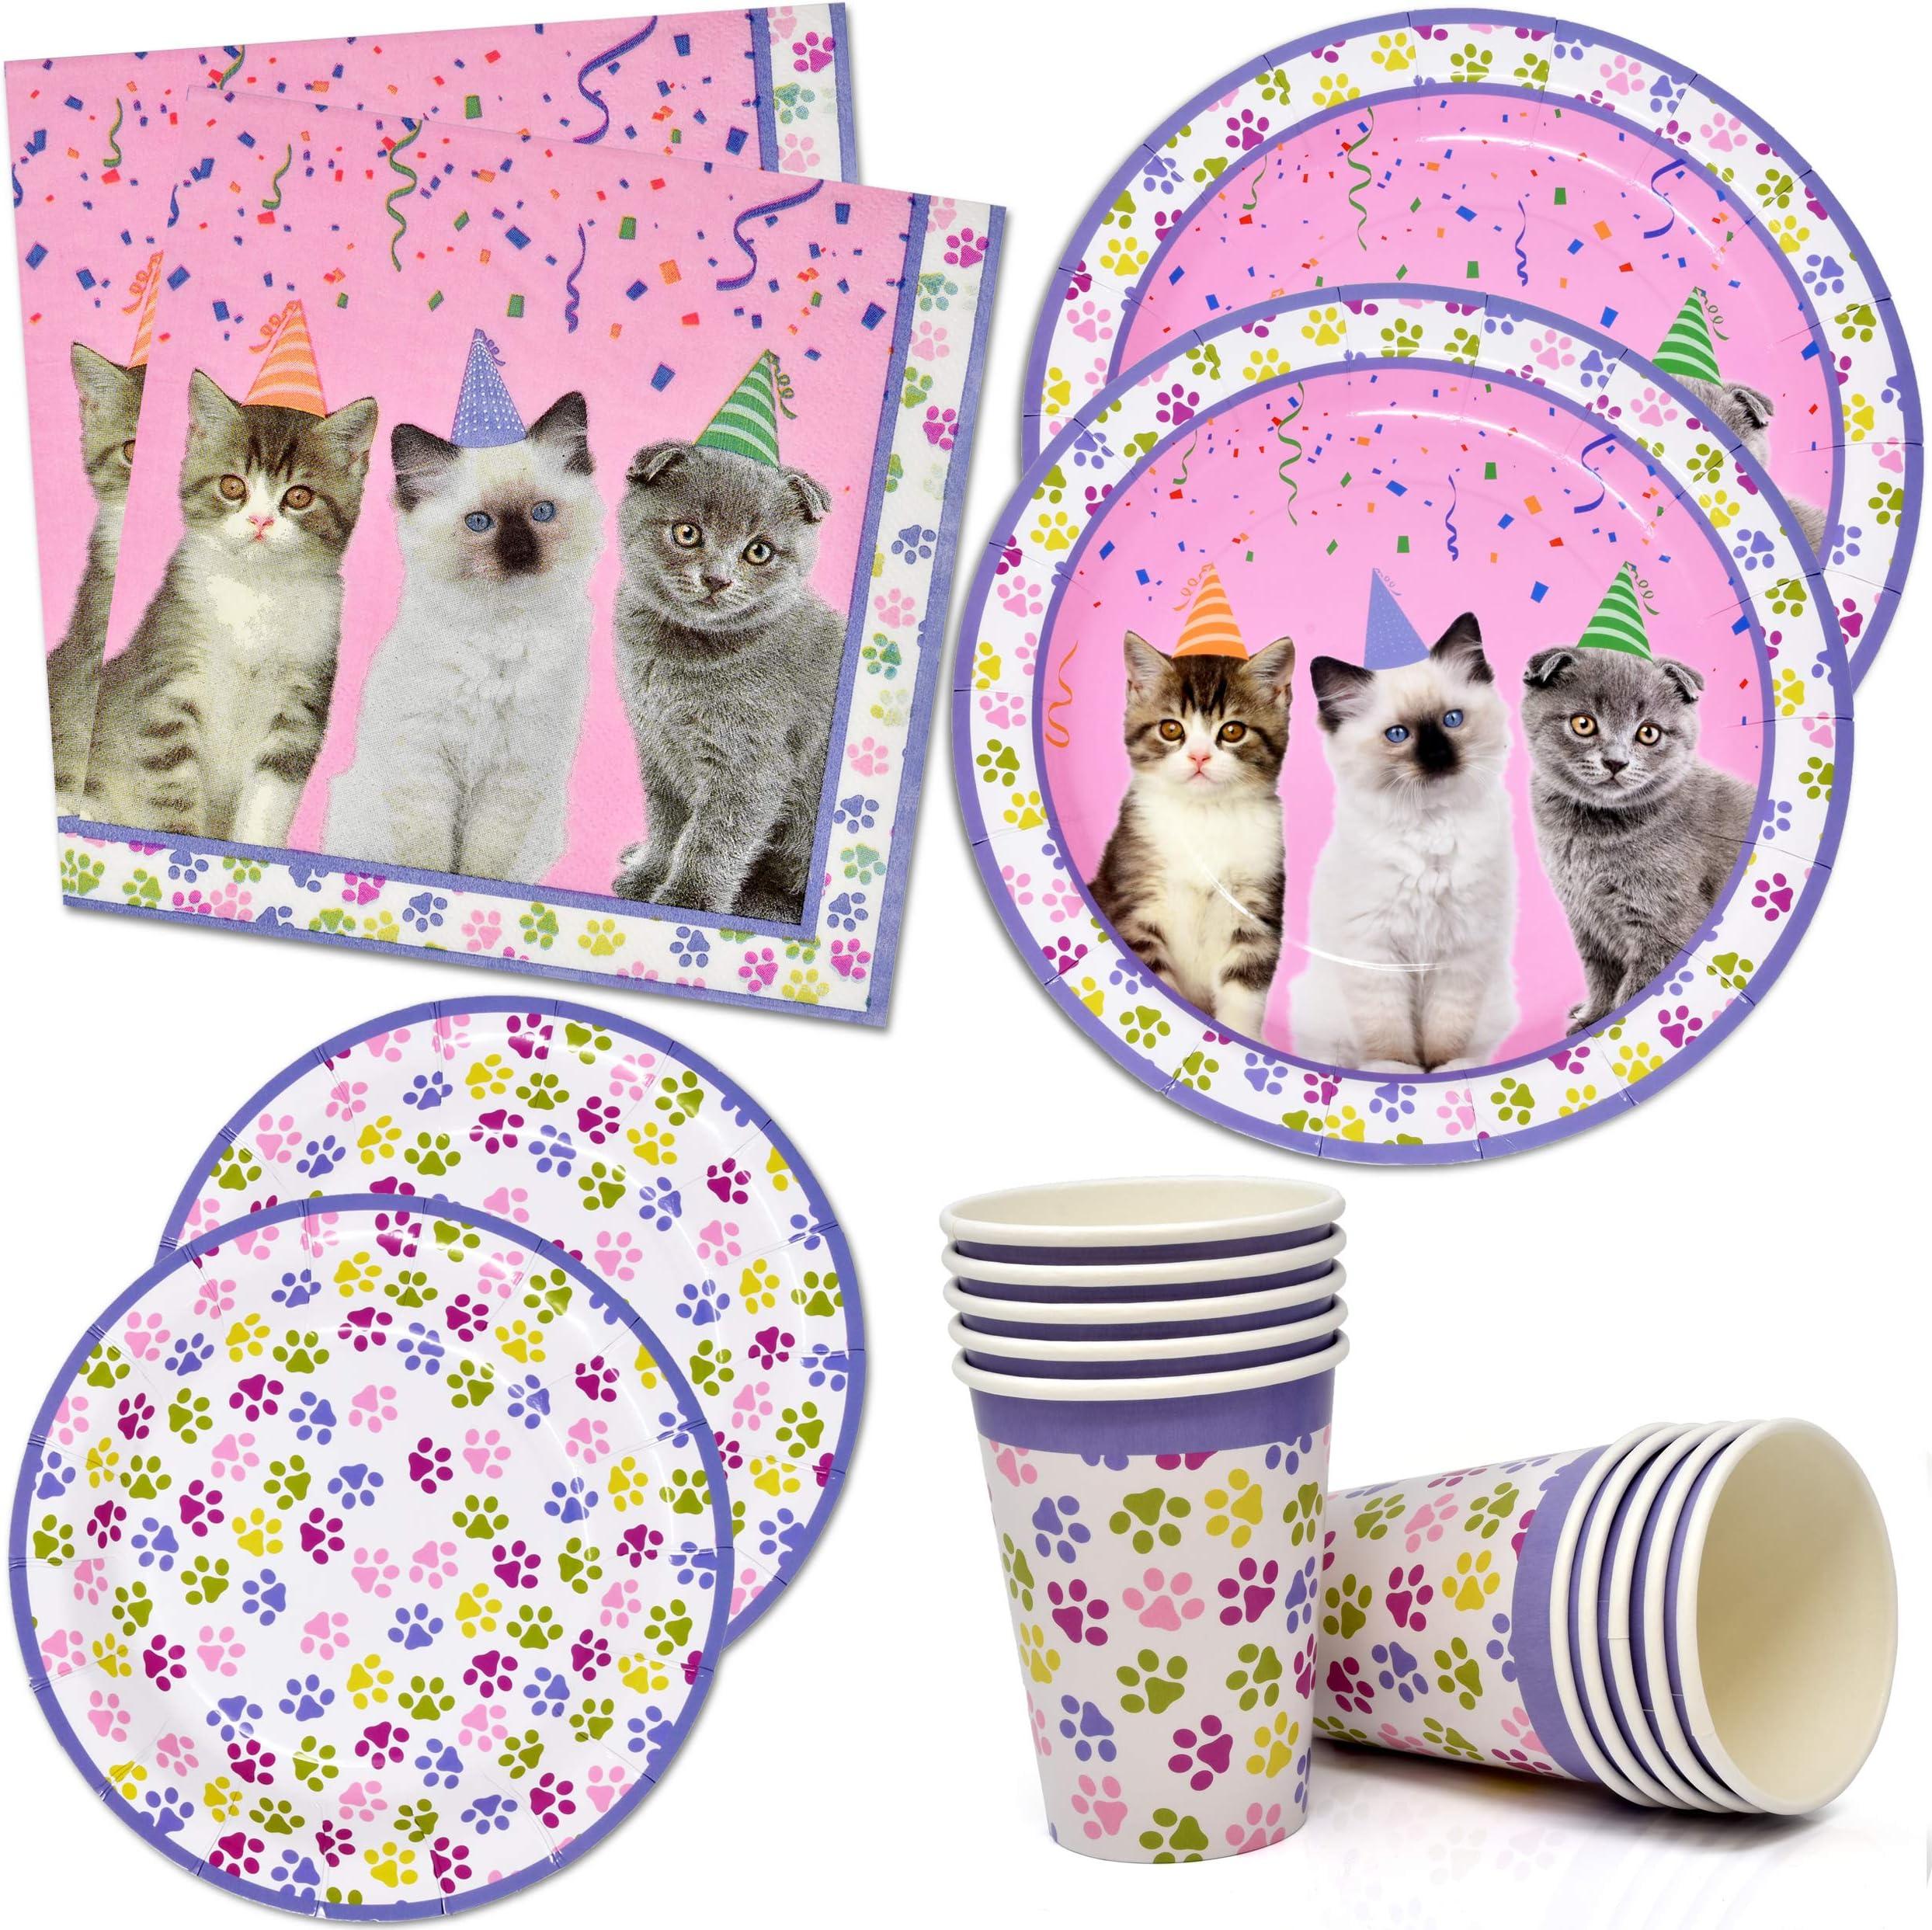 Kitten Party Favors Cat Party Bubble Favors Cat Party Favors Cat Party Supplies